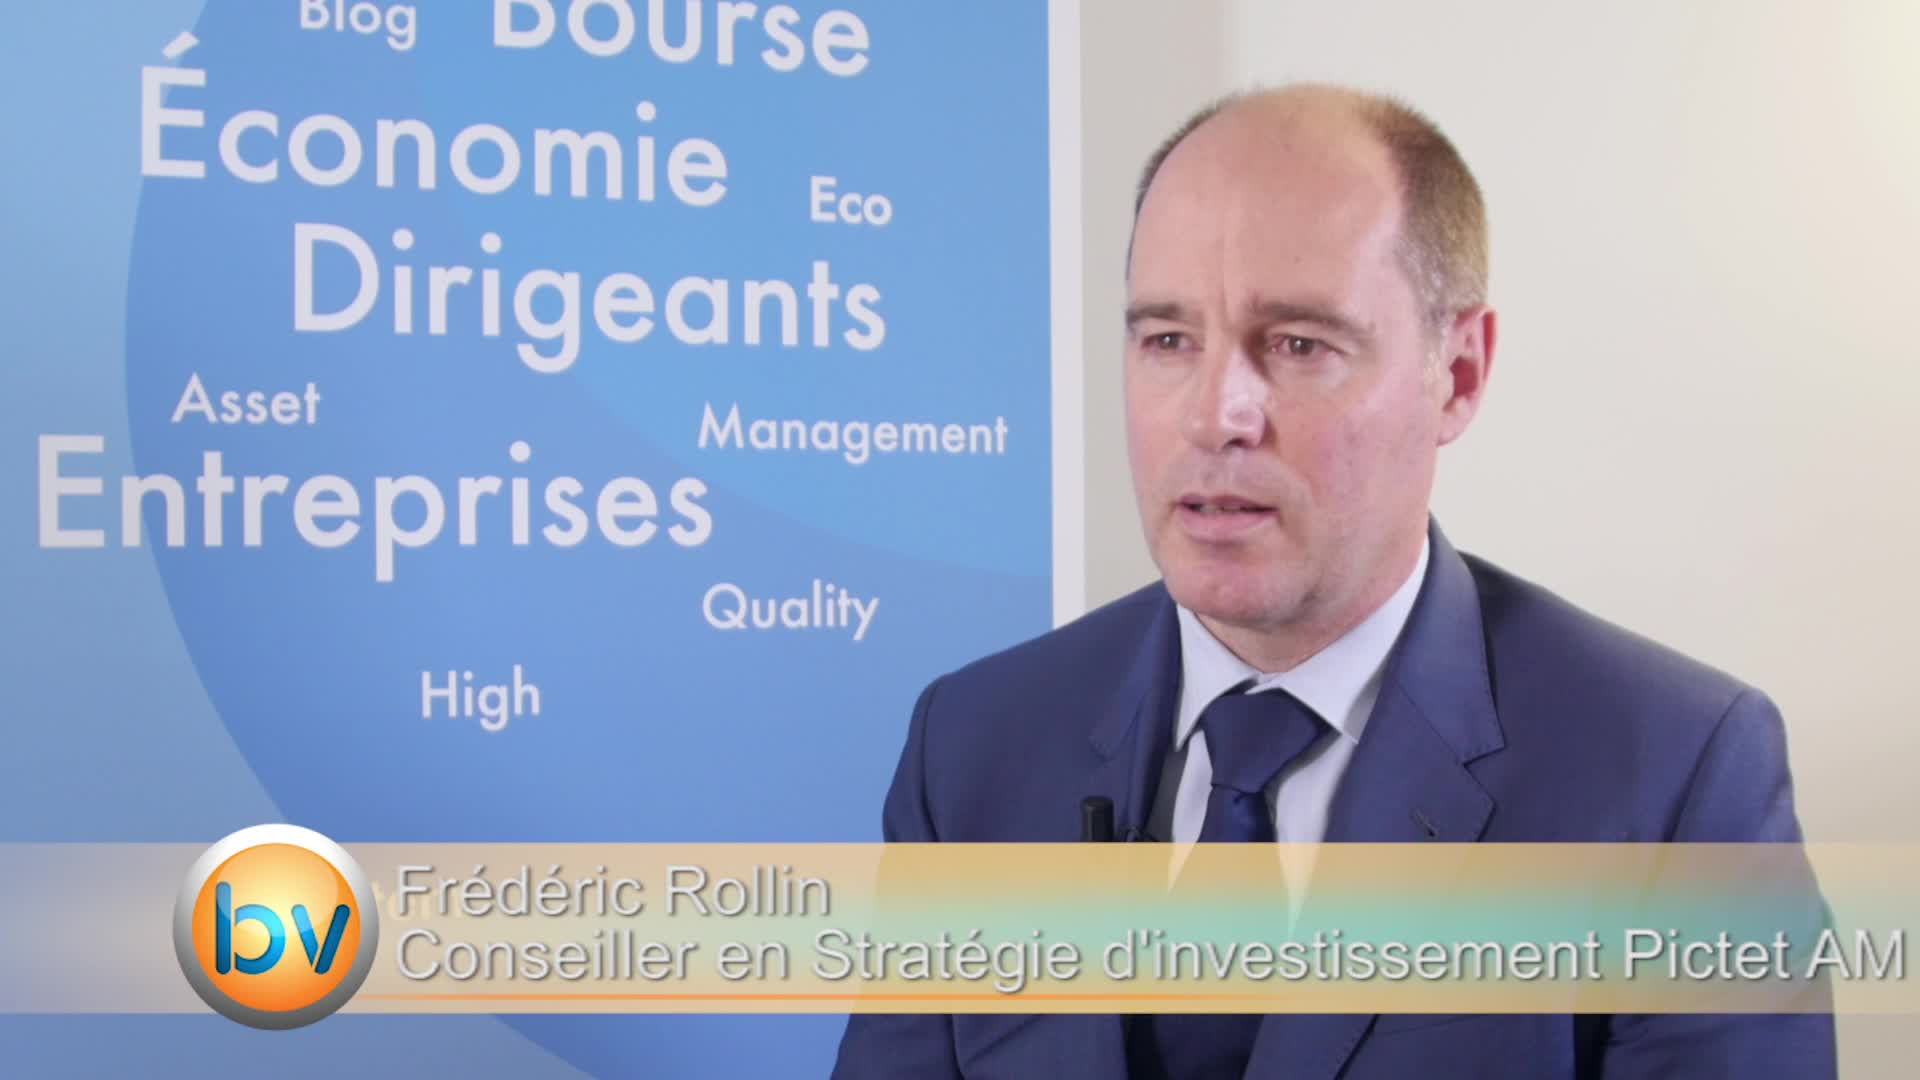 """Frédéric Rollin Conseiller en Stratégie d'investissement Pictet AM : """"On voit plutôt une hausse des taux en septembre aux Etats-Unis"""""""